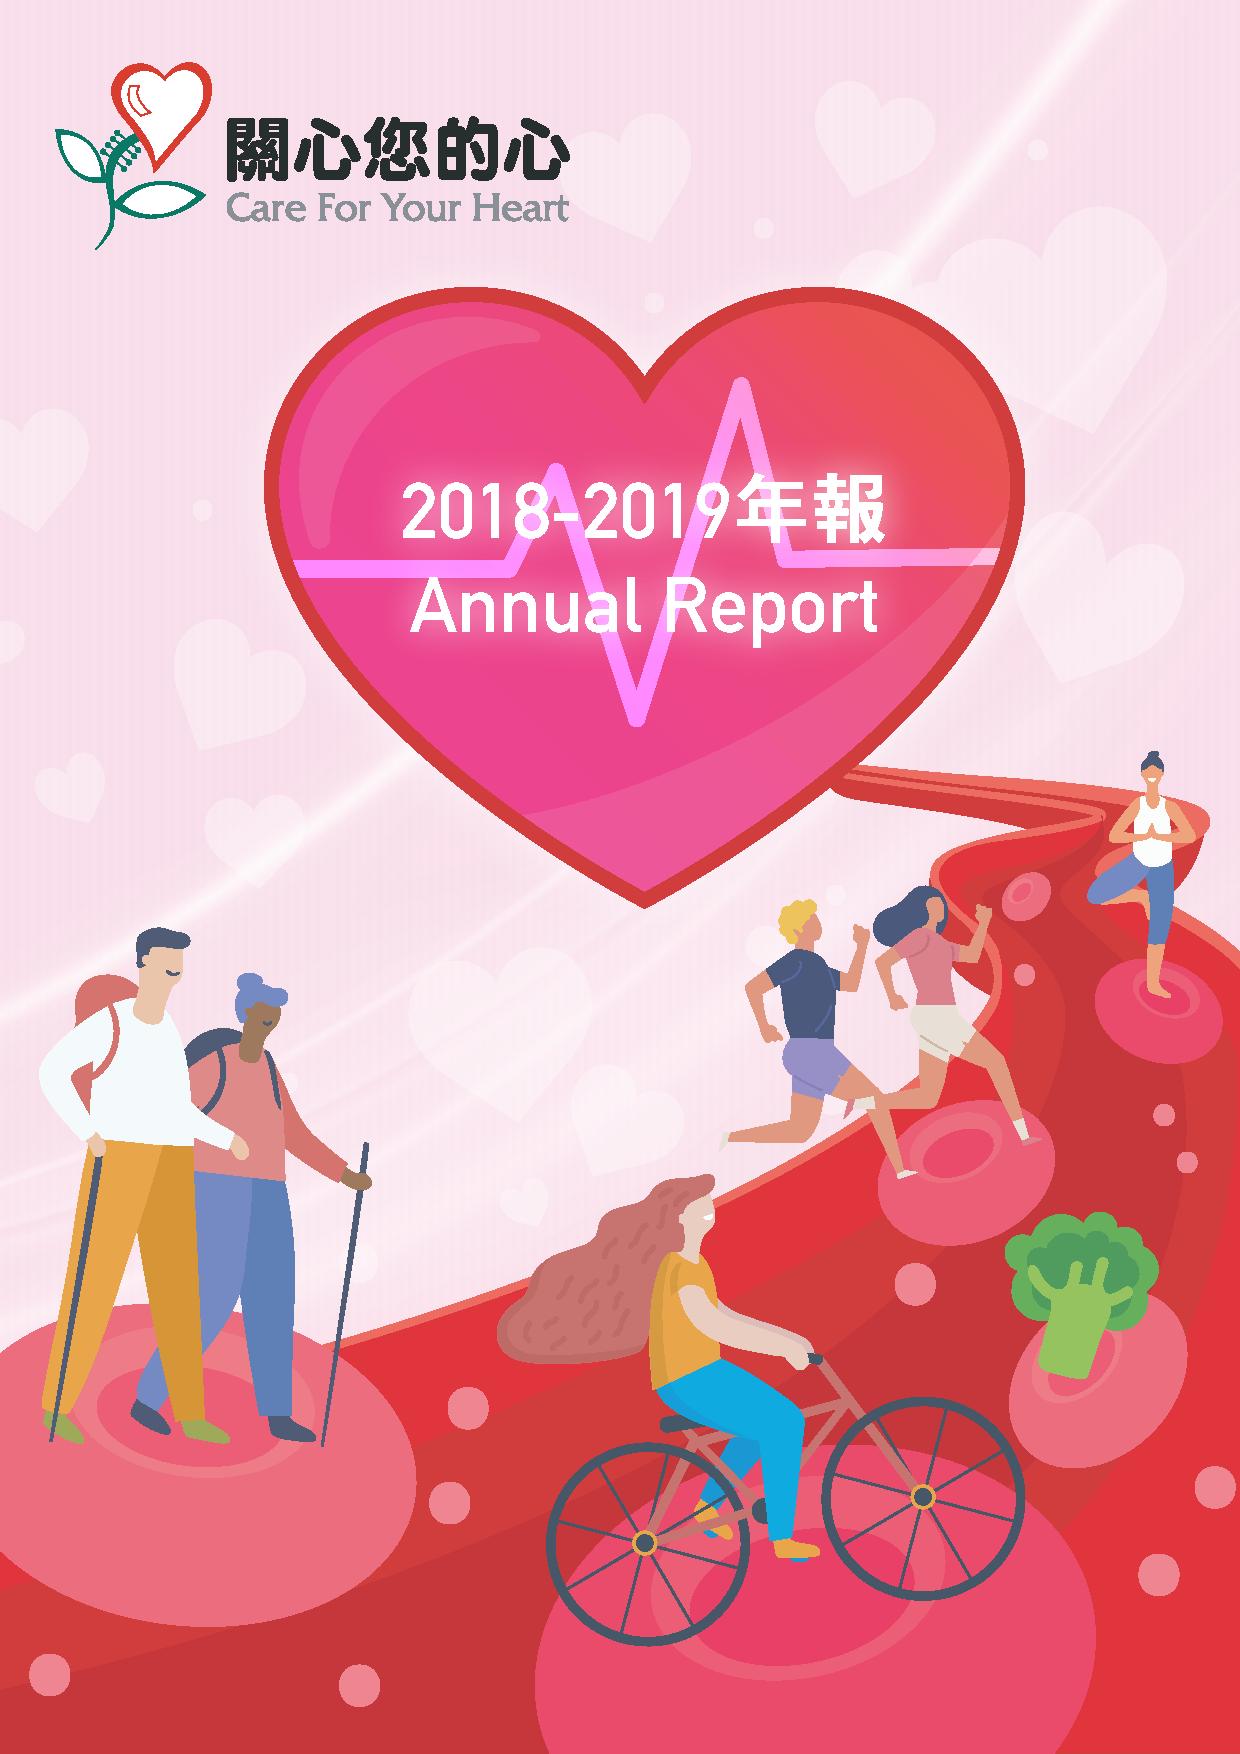 週年年報 2018-2019